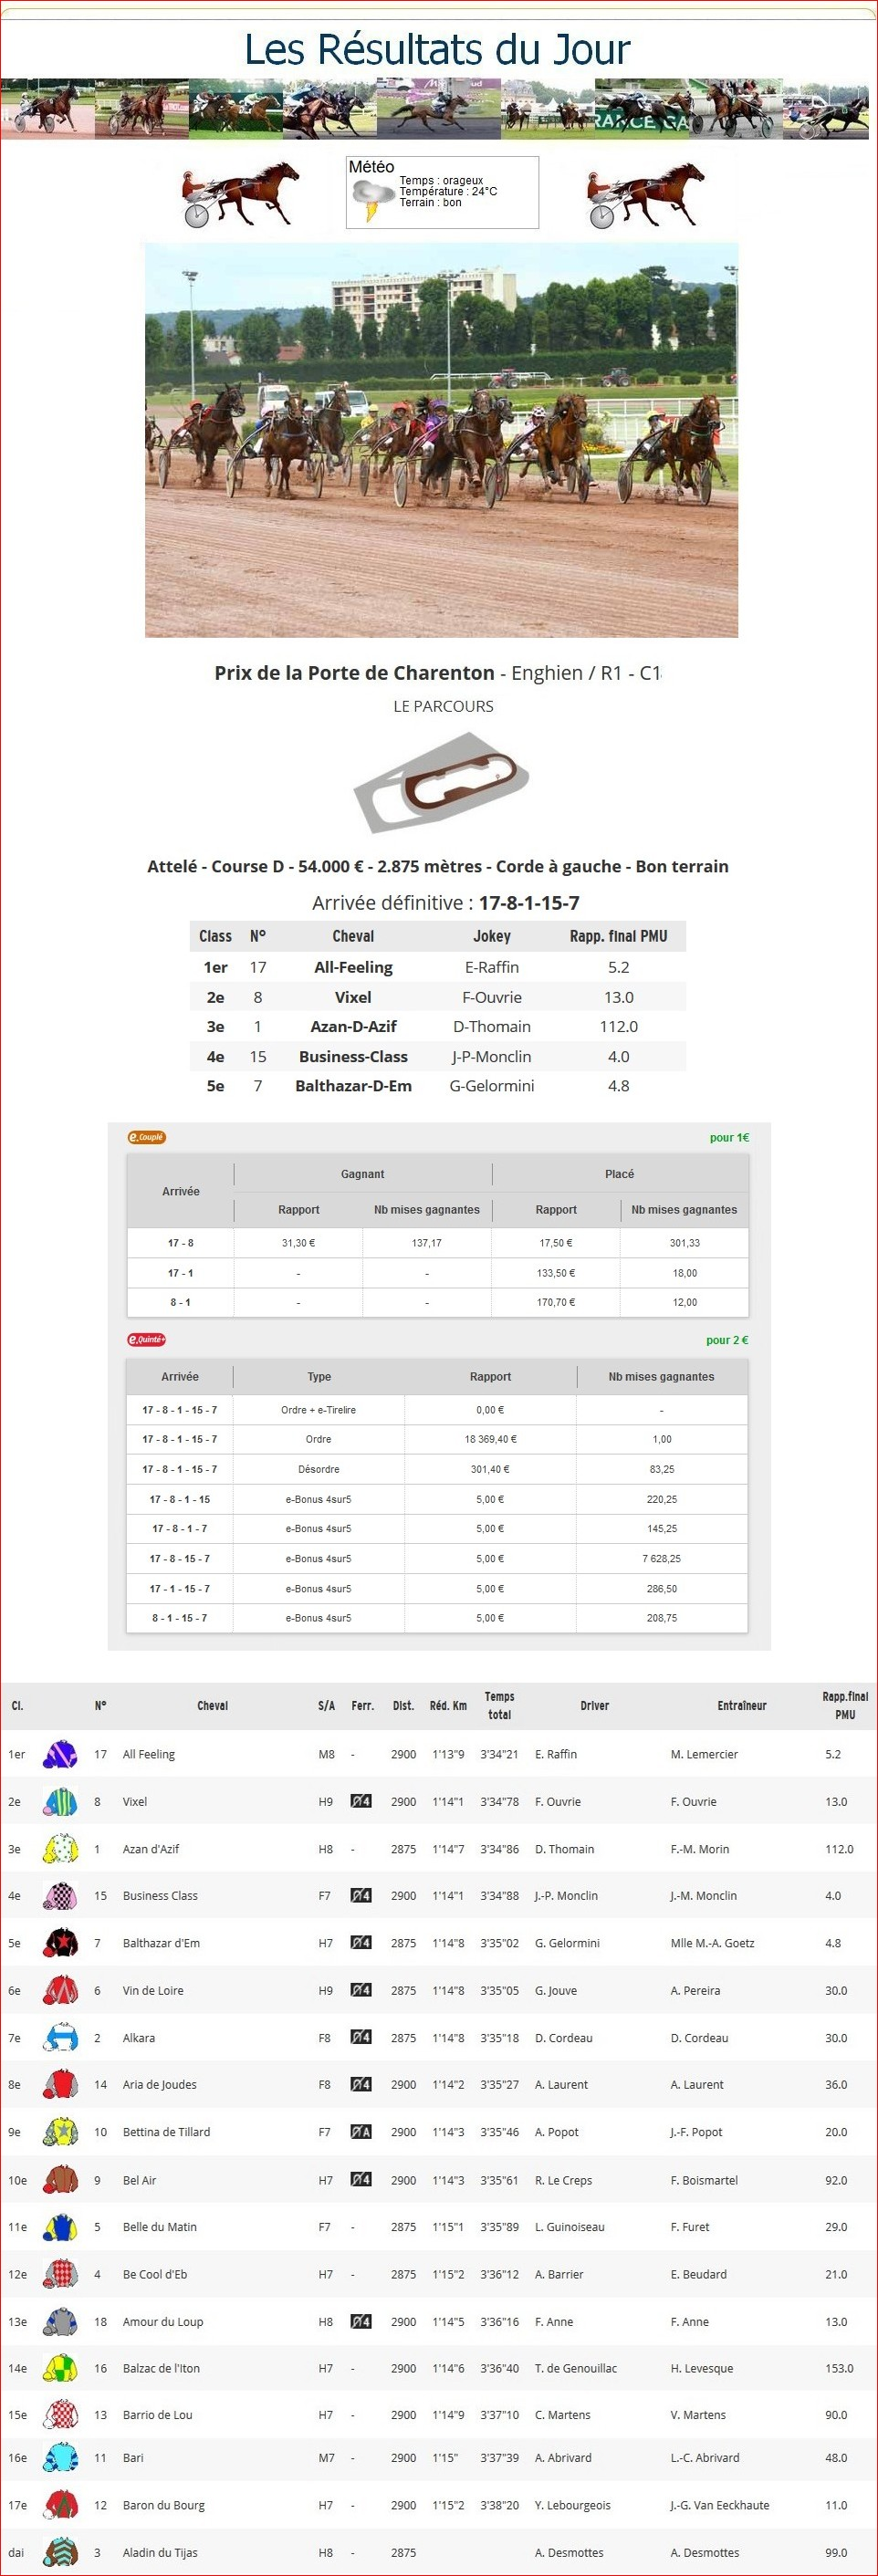 Résultats du Jeudi 05/07/2018   1_p-t_35